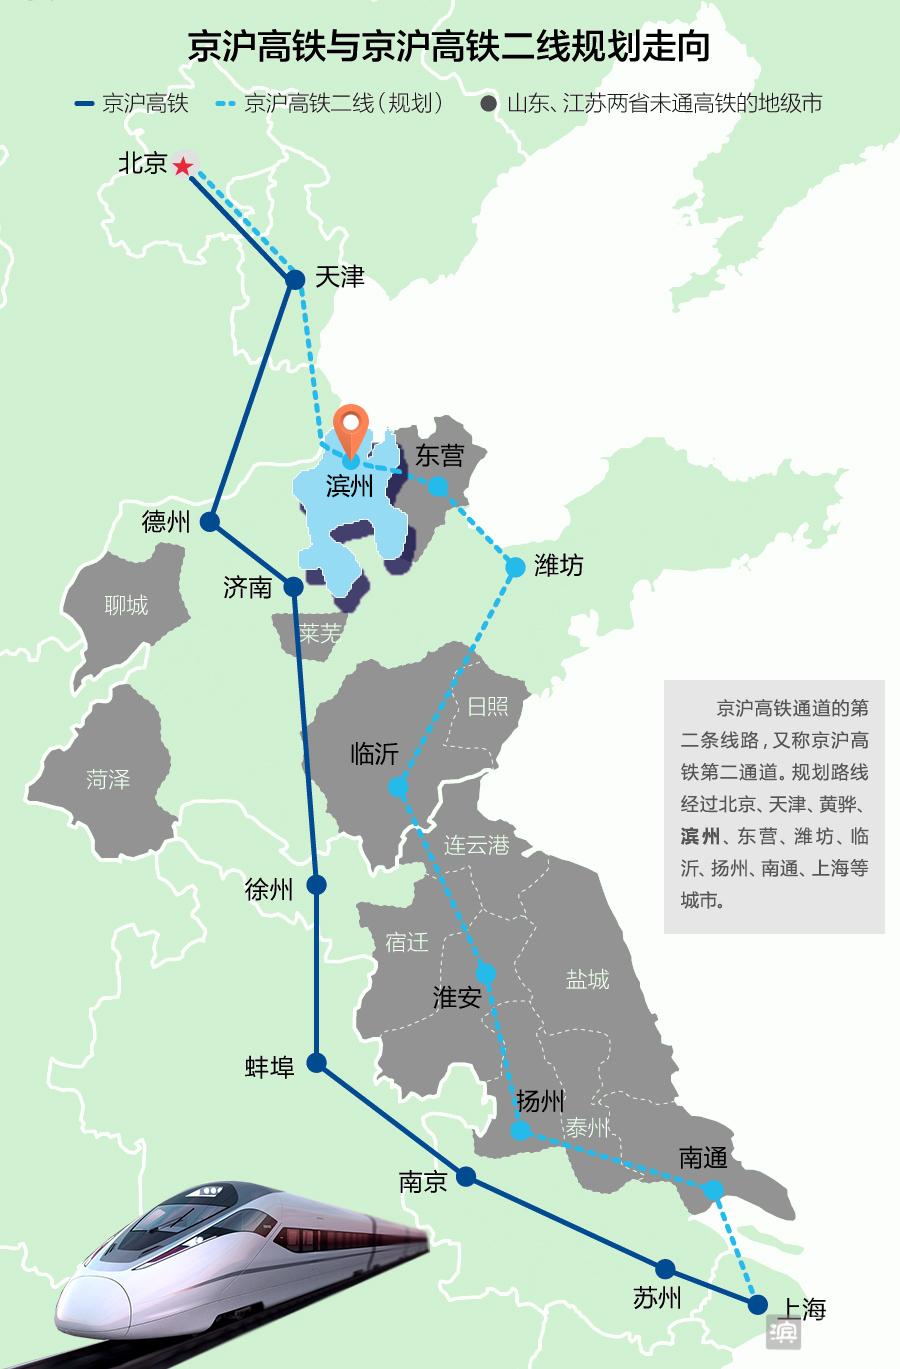 京沪高铁第二通道!国家铁路局答复代表:争取尽早确定建设方案